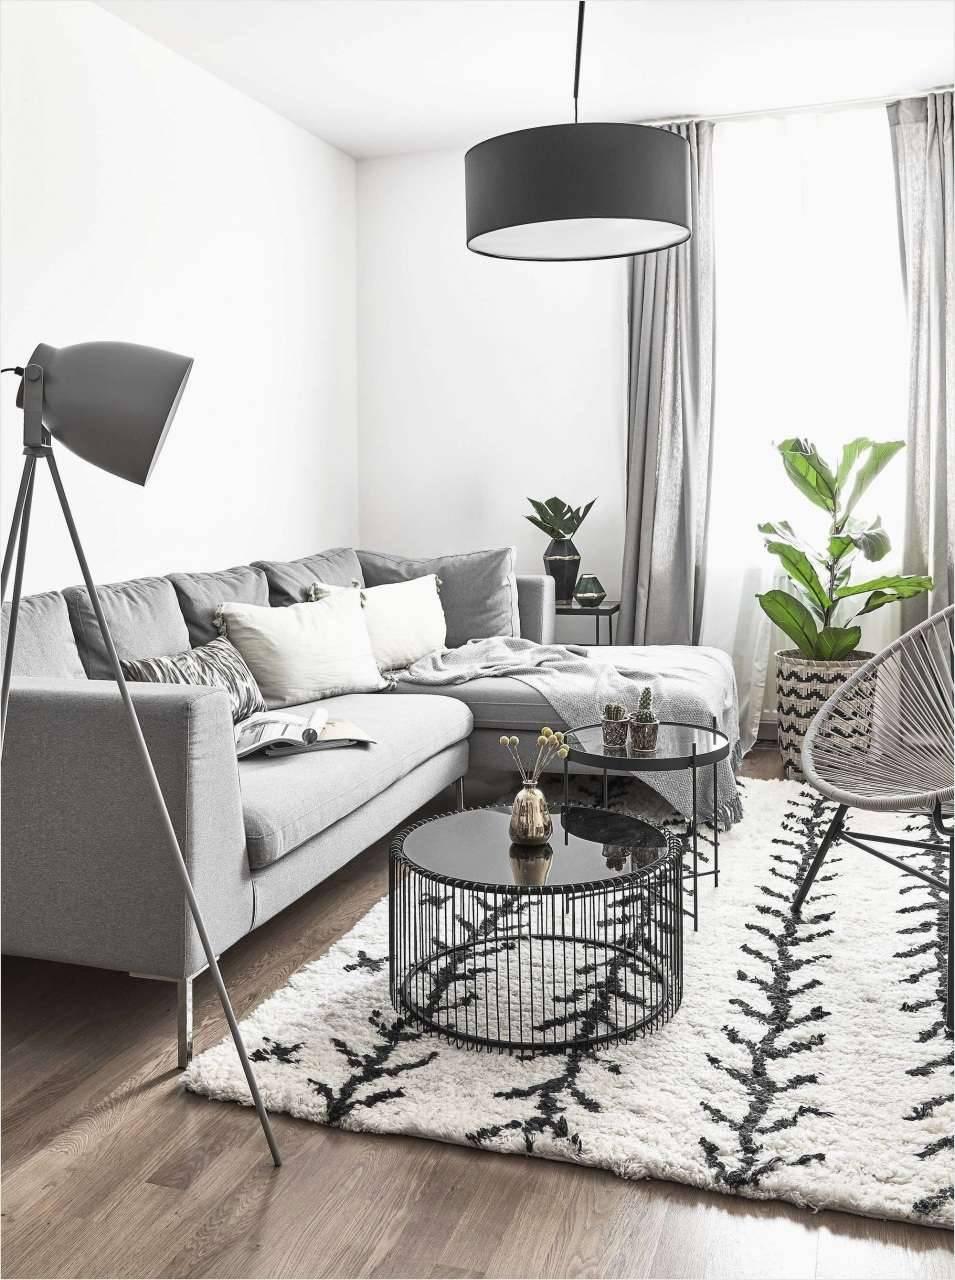 dekorationsideen wohnzimmer schrank elegant 32 elegant garten deko ideen of dekorationsideen wohnzimmer schrank